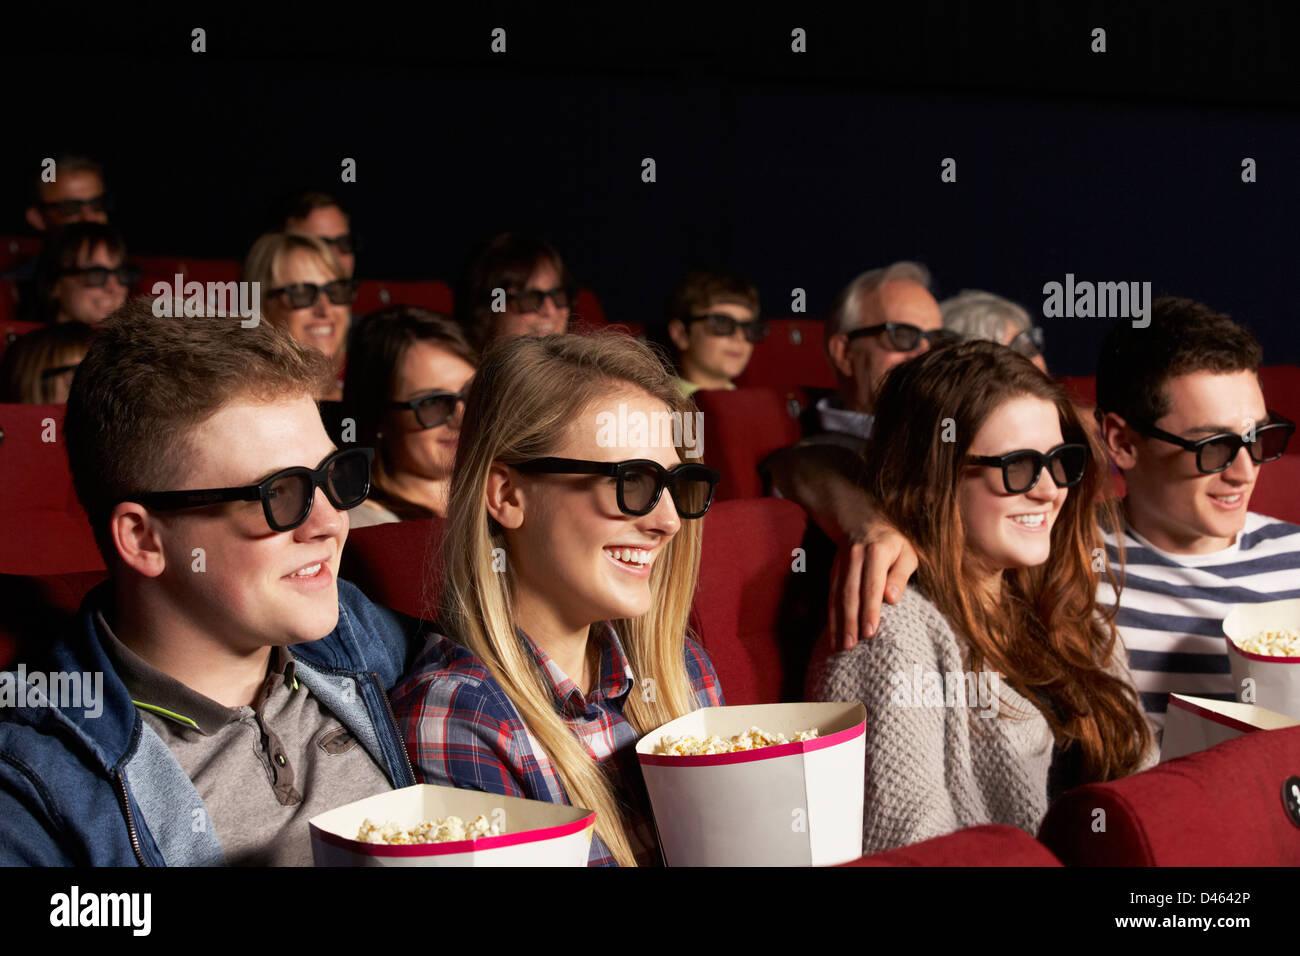 Gruppe von Jugendlichen Freunden 3D Film im Kino anschauen Stockbild